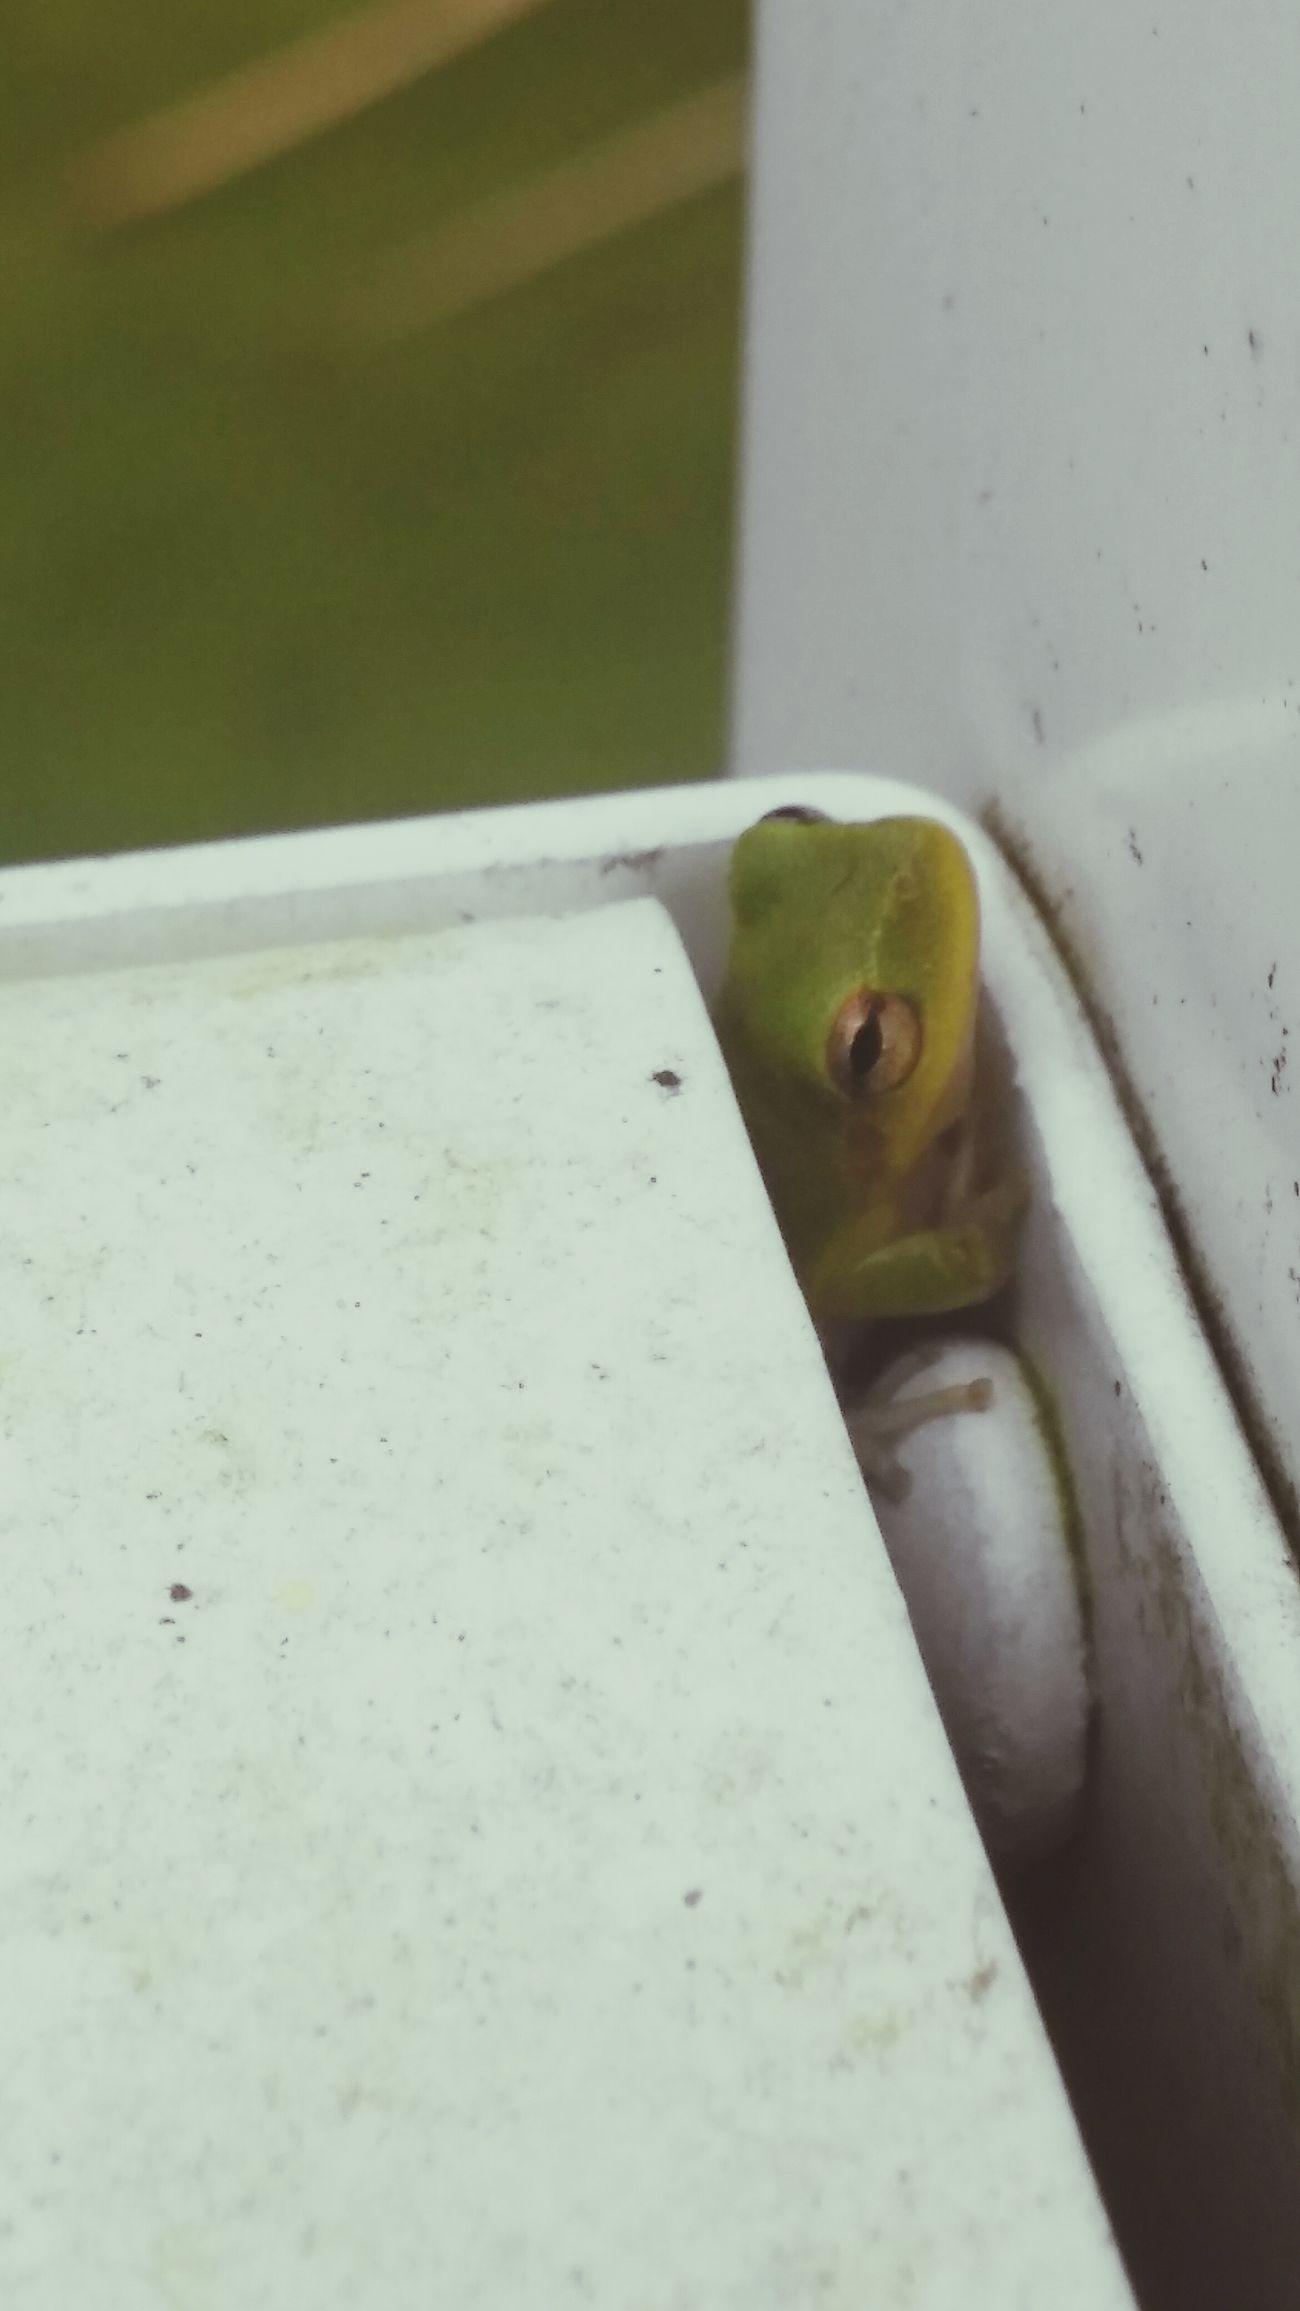 Lifeofafrog